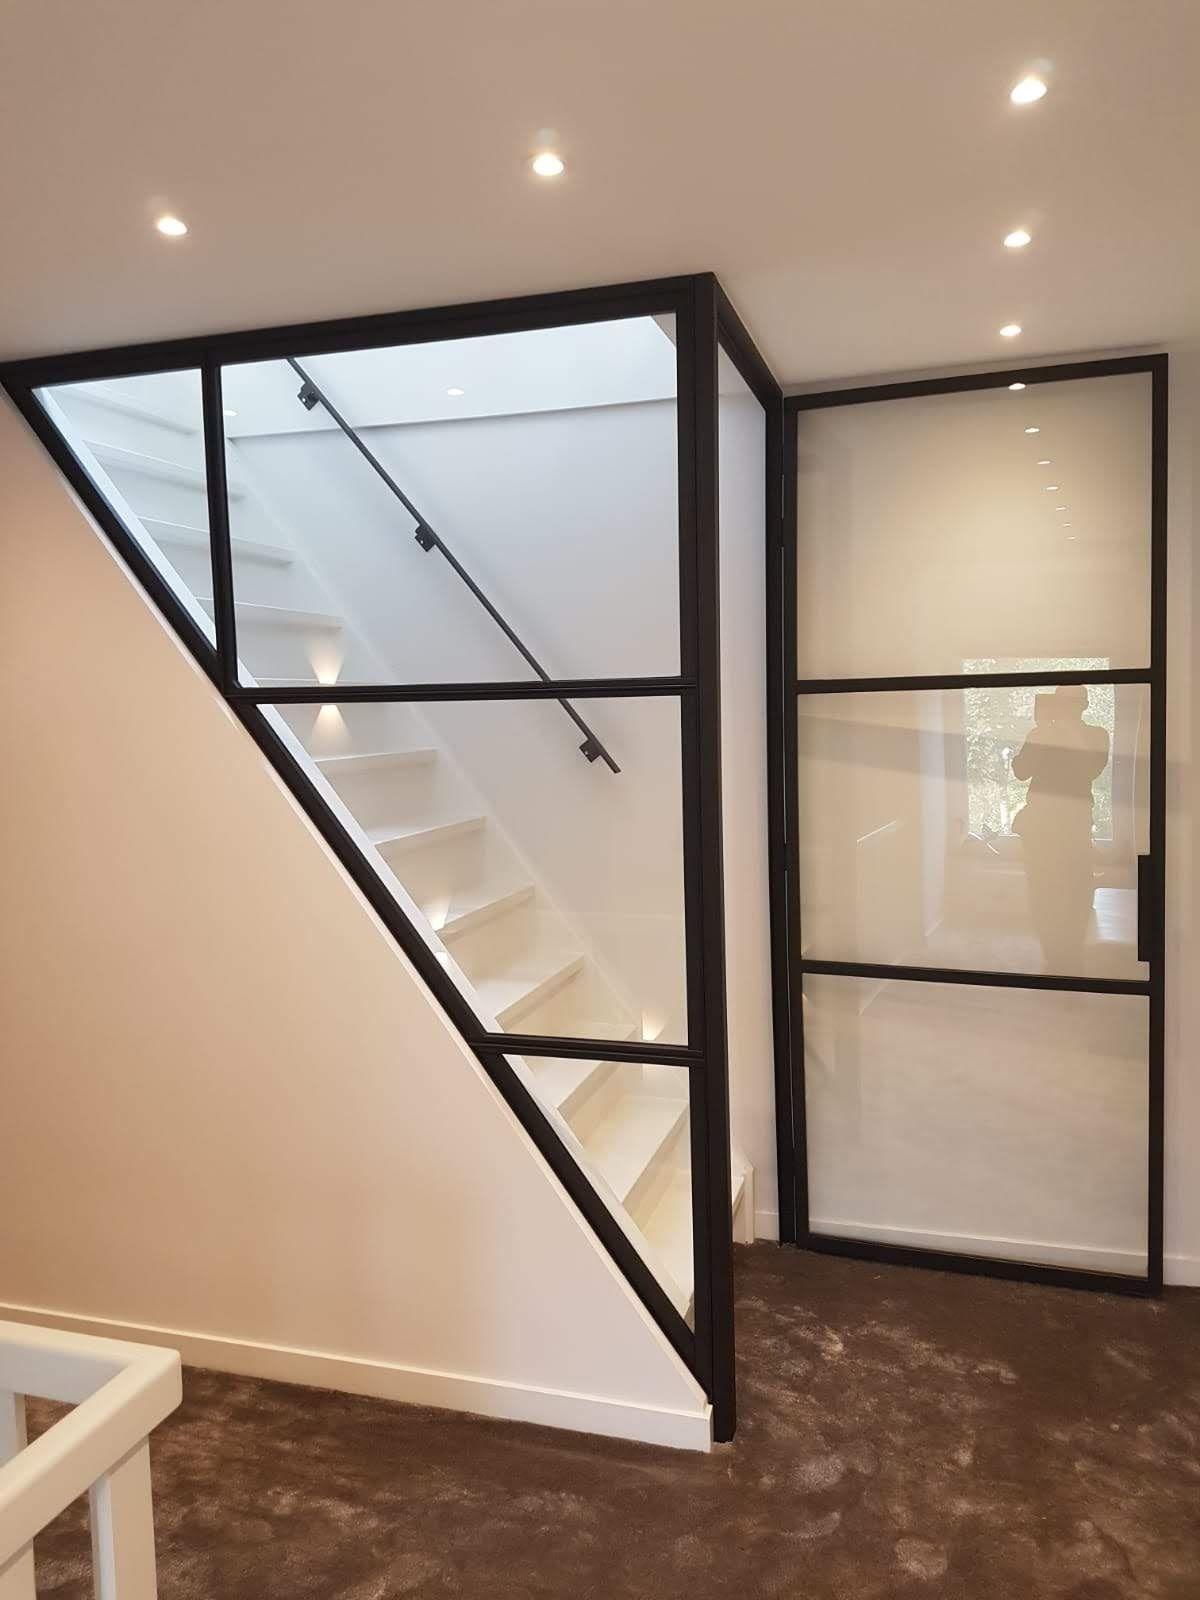 Stalen deur geplaatst in trappenhuis met glad stucwerk